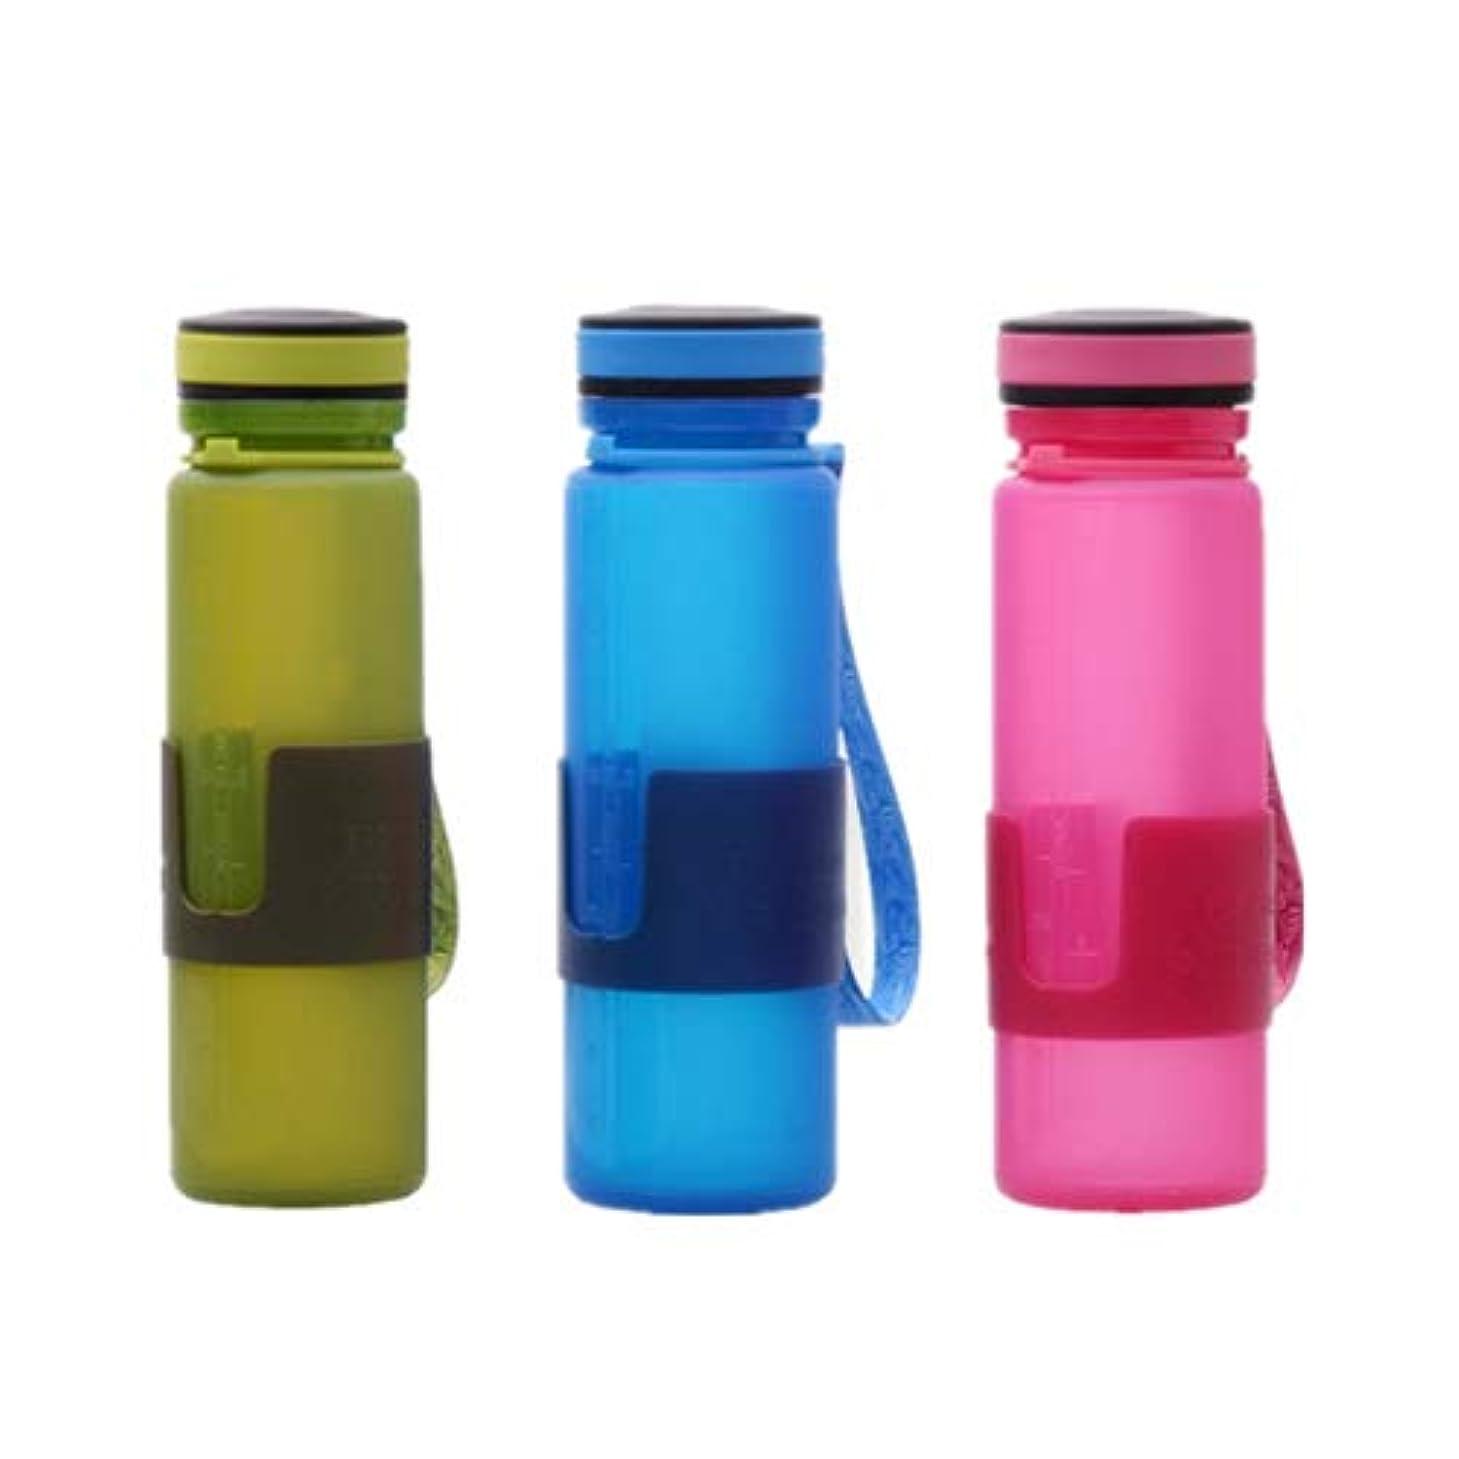 窓分解する小麦多目的17.0オンス折り畳み式マグカップ付き飲料水ウォーターキャンプ旅行屋外ピクニック (色 : Blue+red+green)